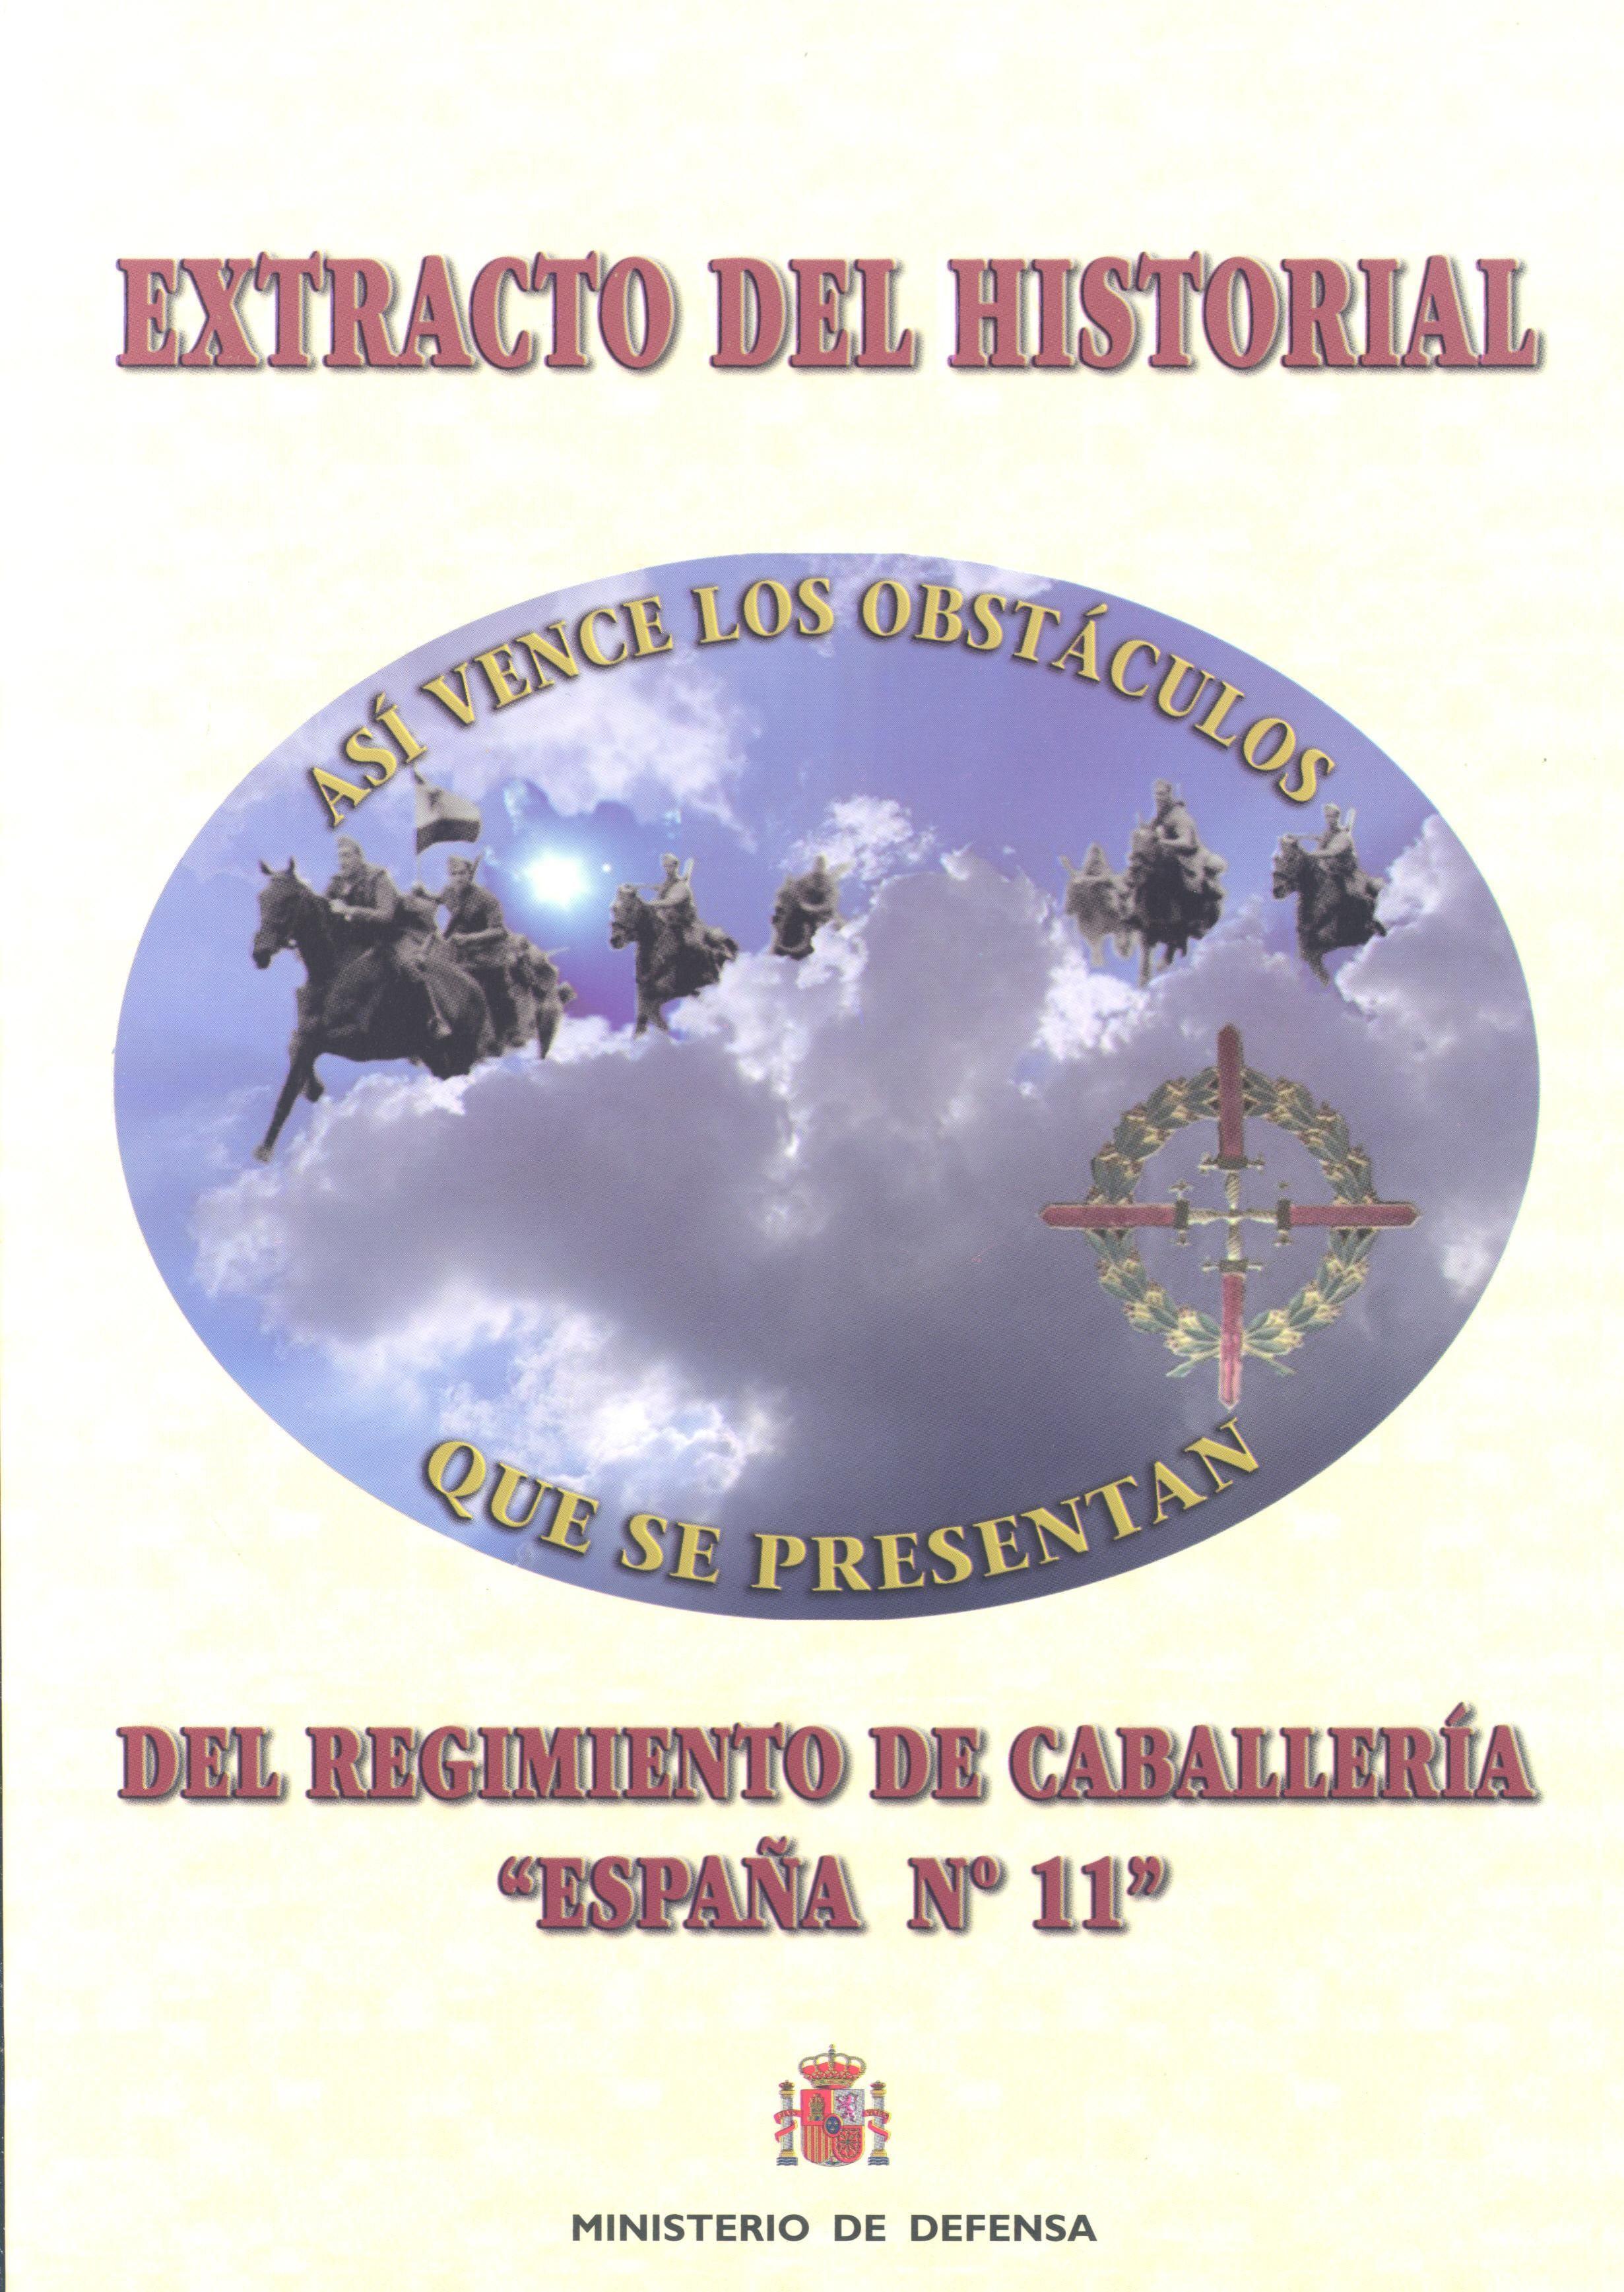 EXTRACTO DEL HISTORIAL DEL REGIMIENTO DE CABALLERÍA ESPAÑA Nº 11